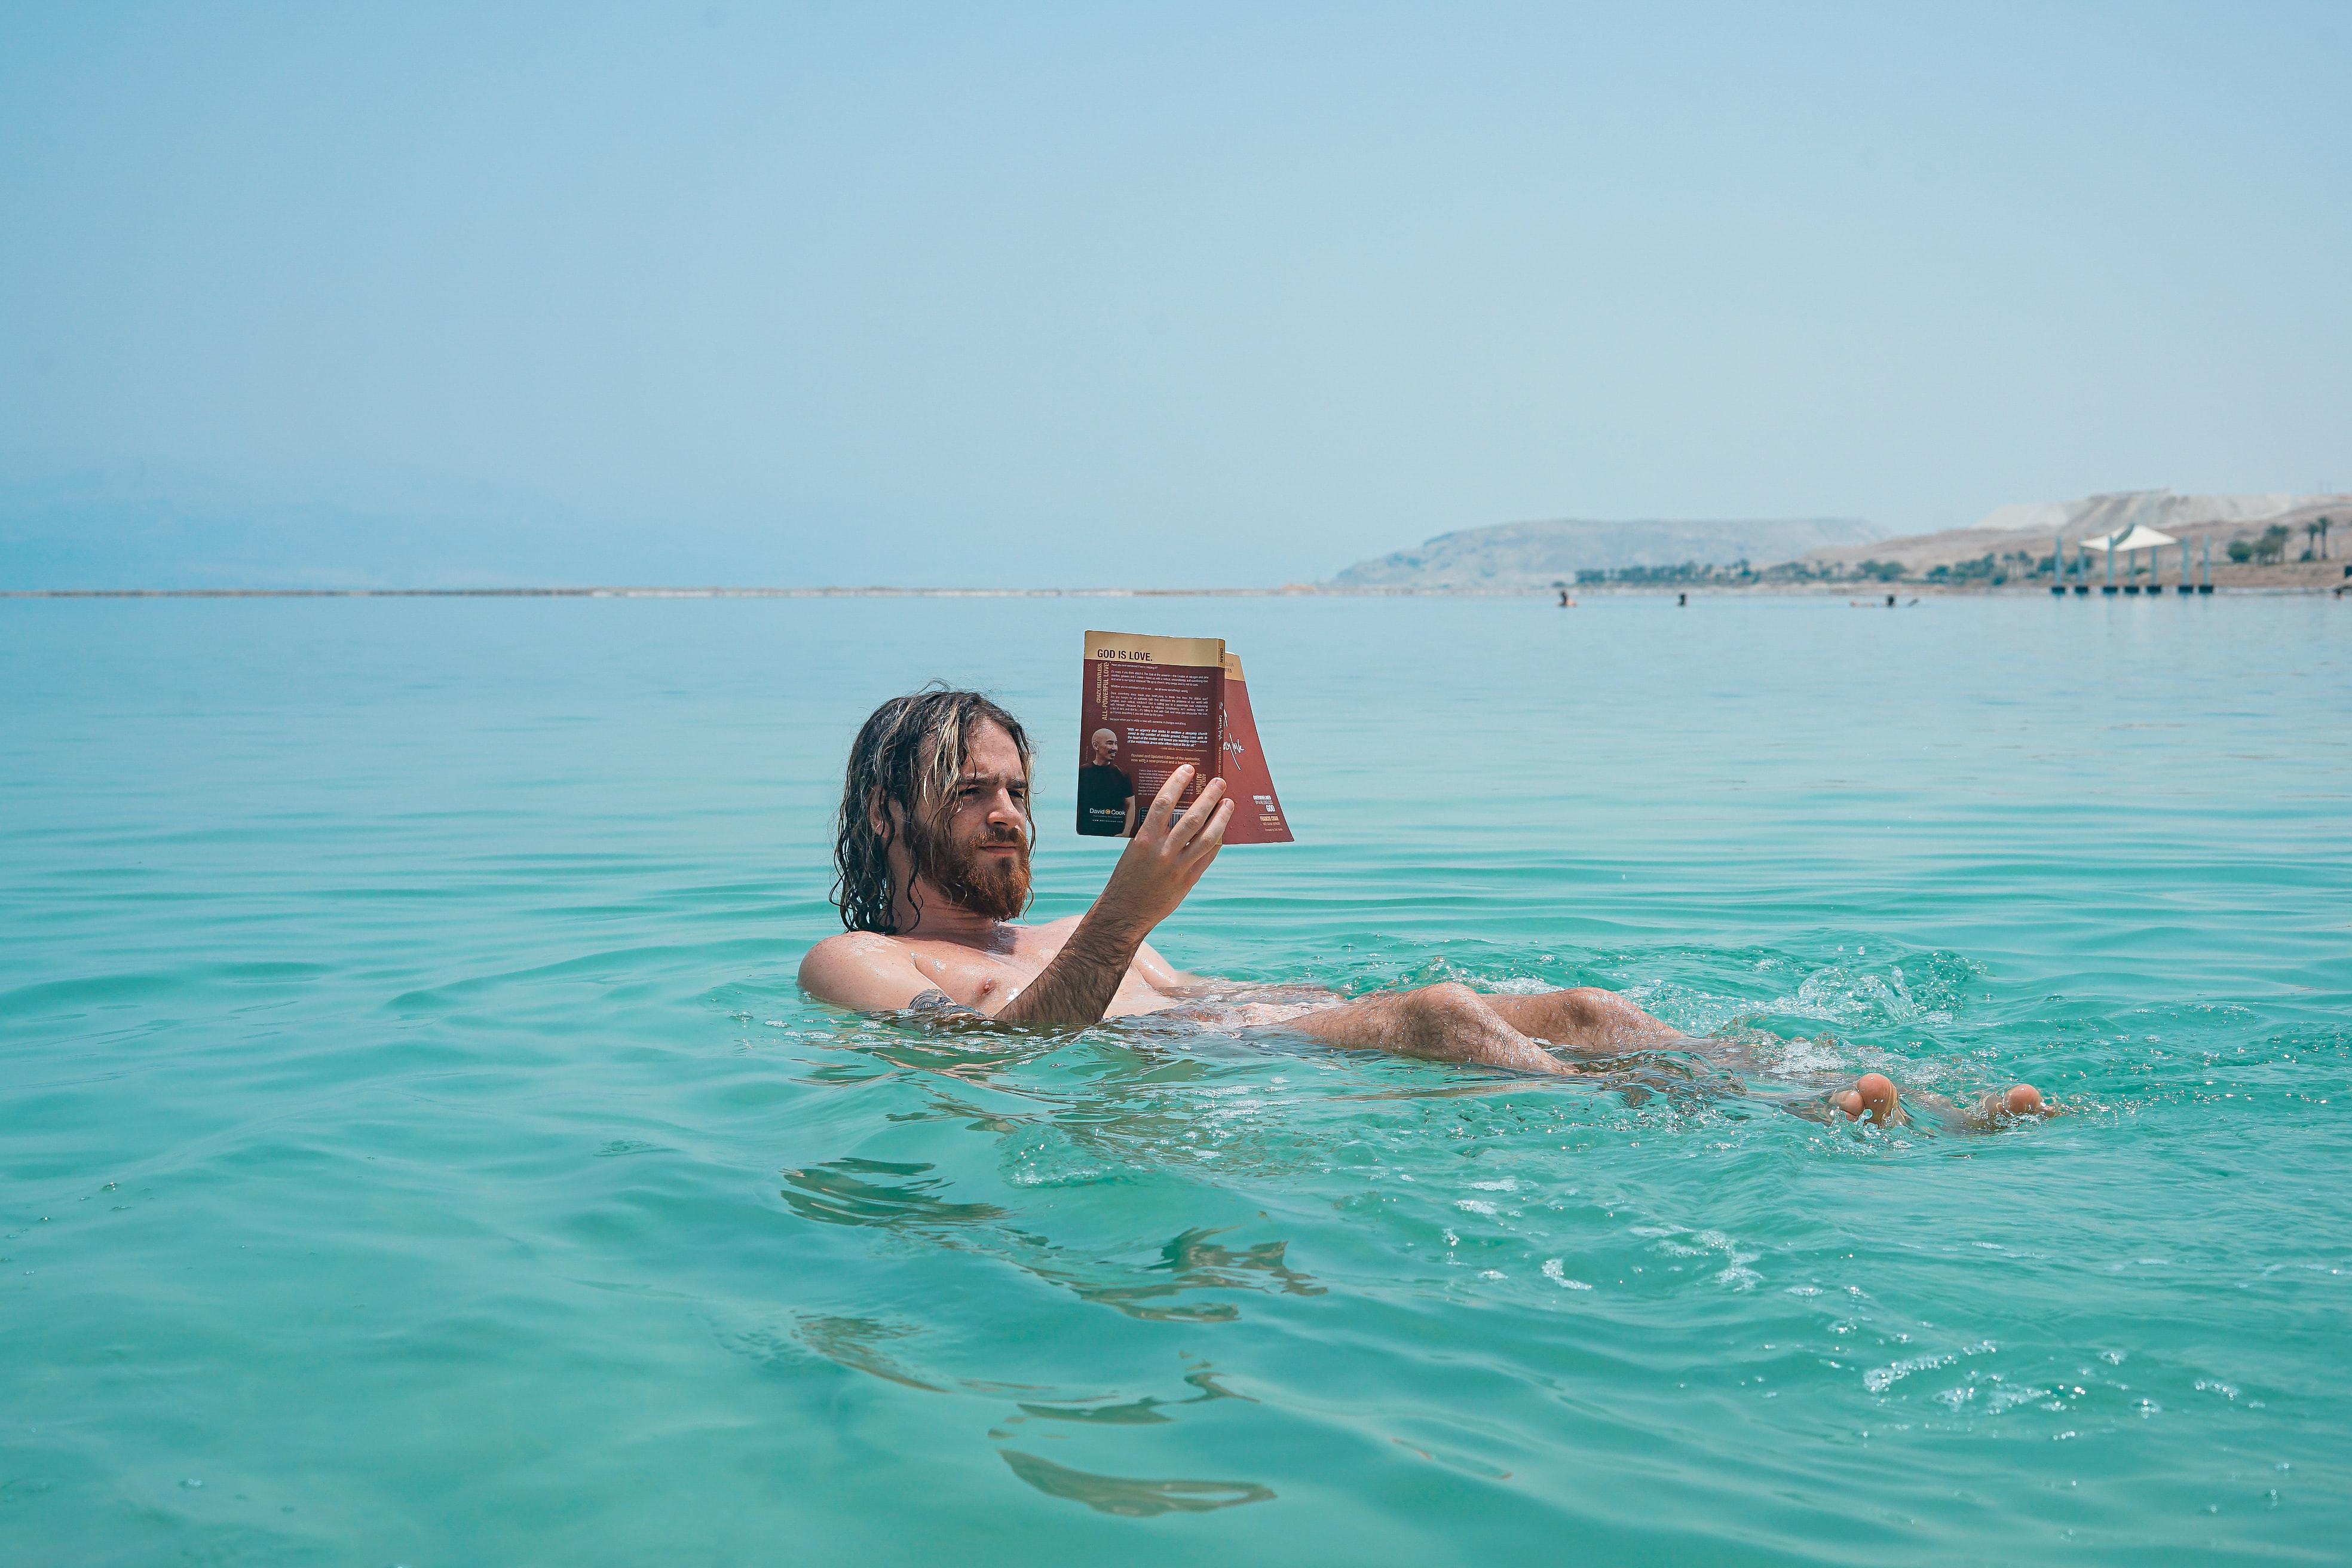 knjige na plaži